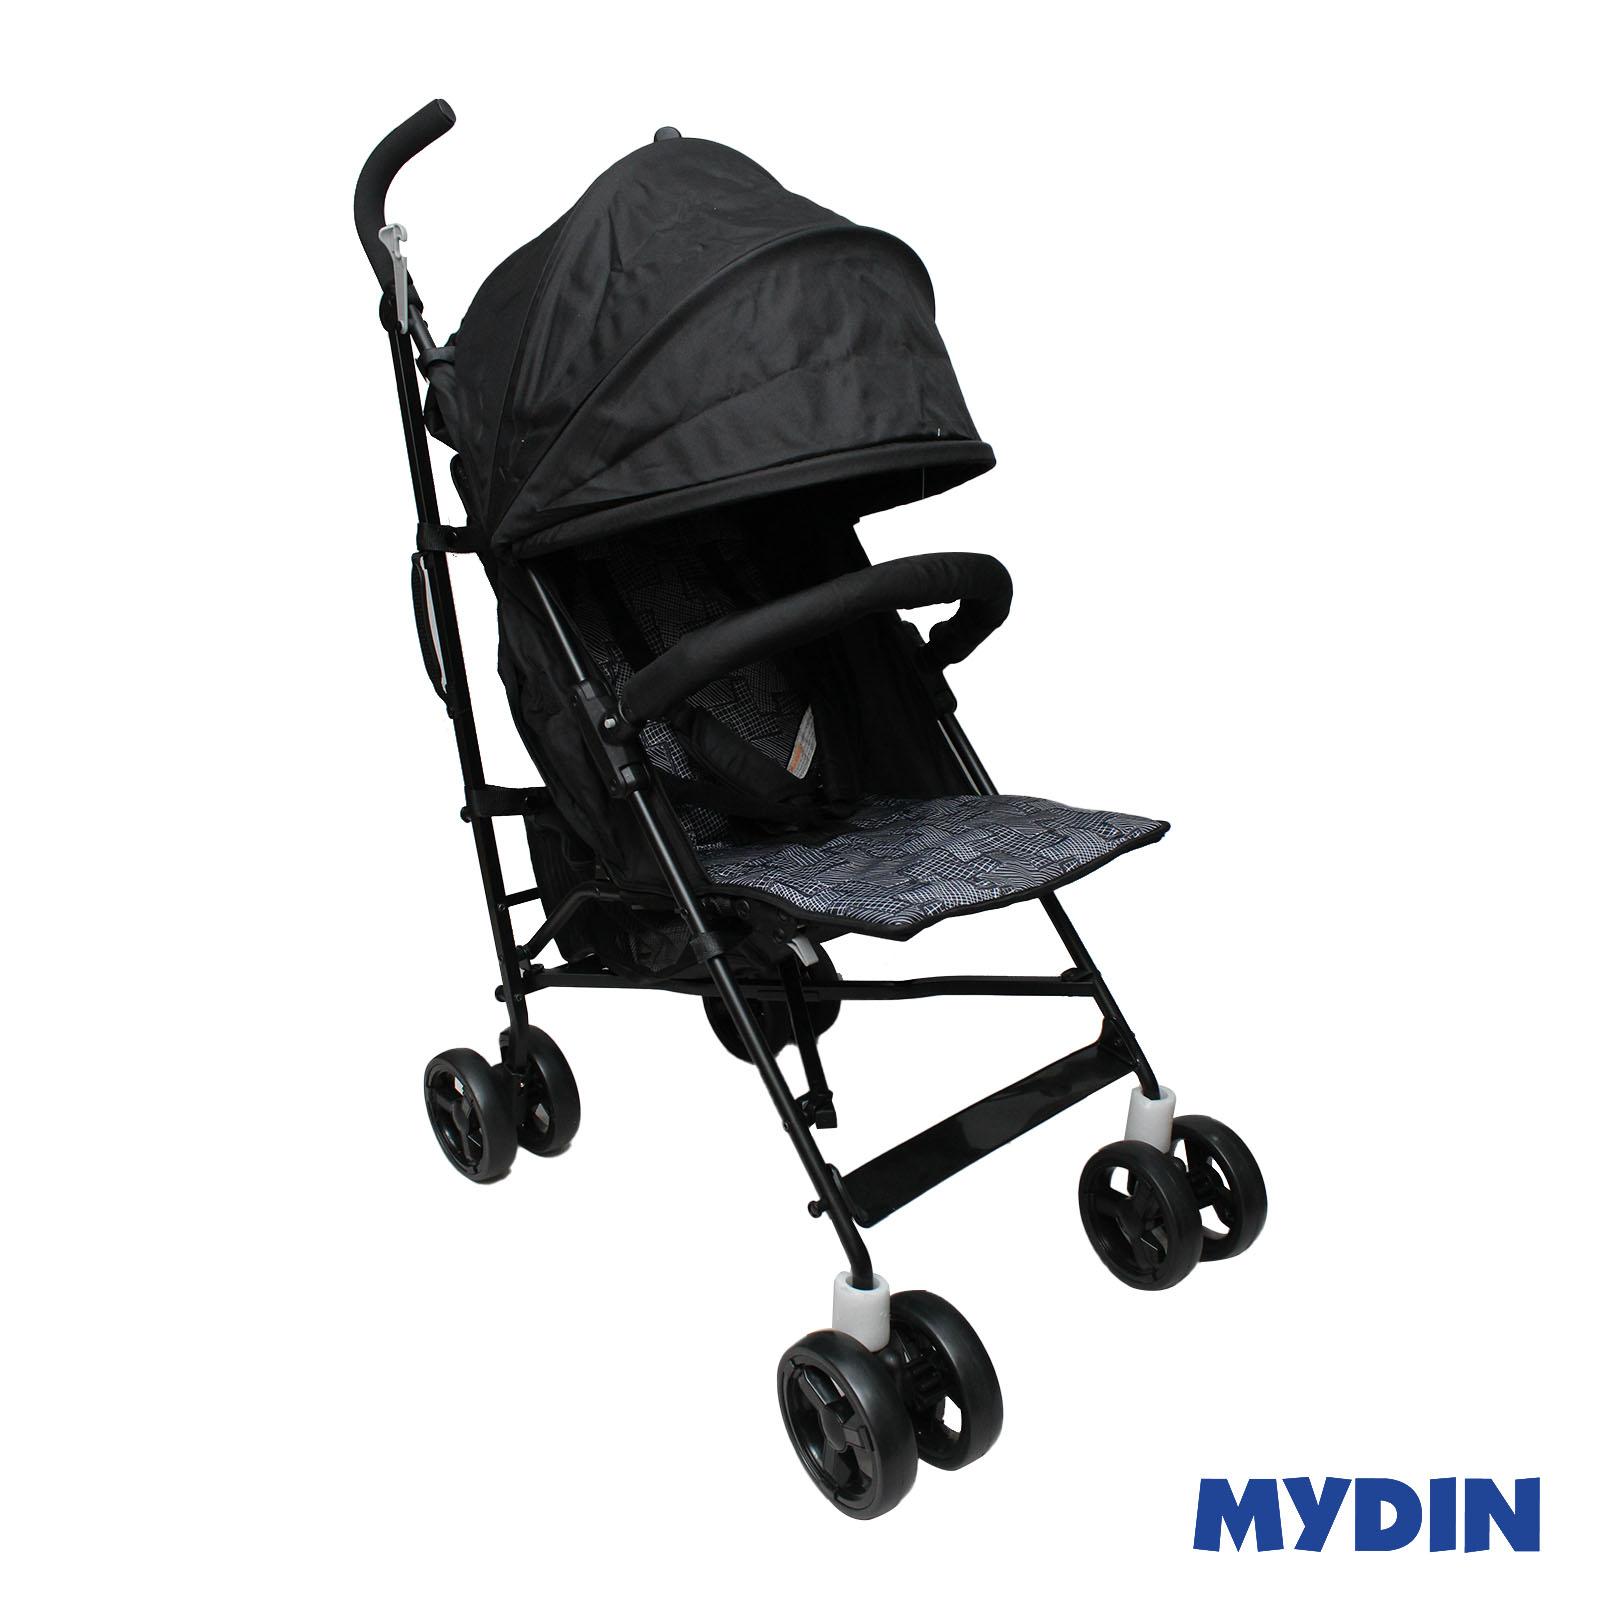 MYBB Baby Umbrella Stroller Black 0718SAHBCP02A